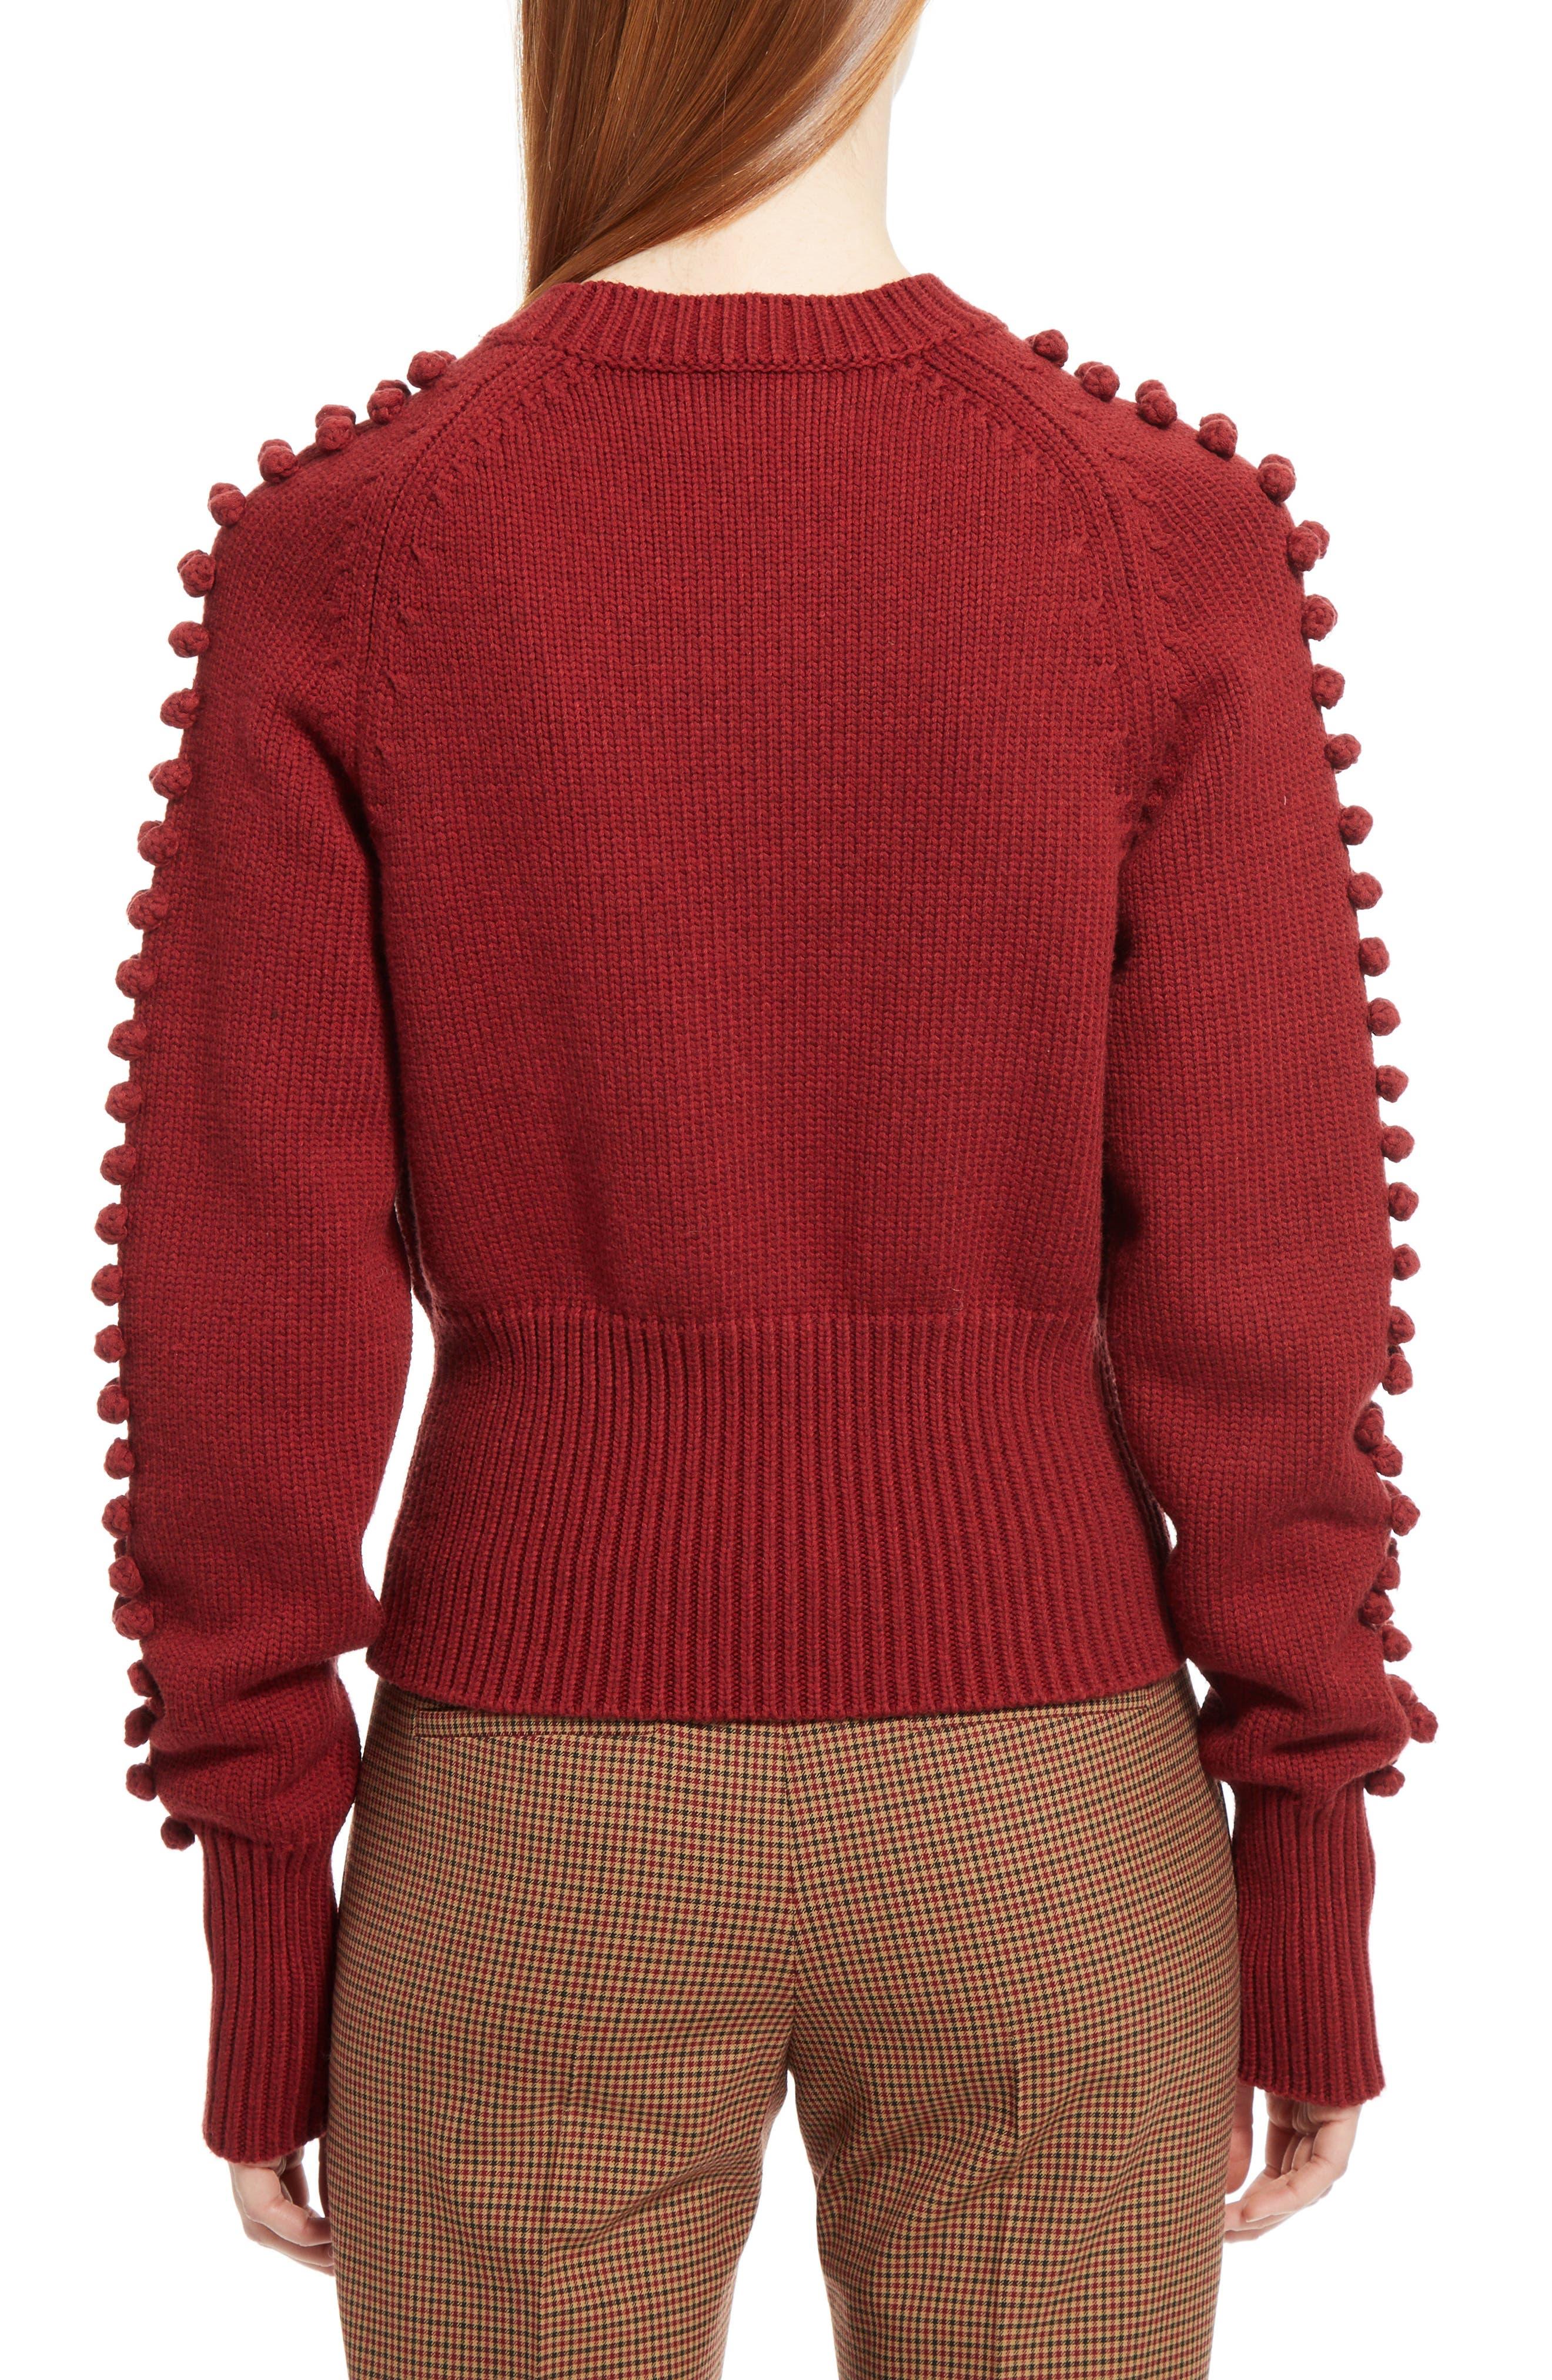 Bobble Knit Sweater,                             Alternate thumbnail 2, color,                             620